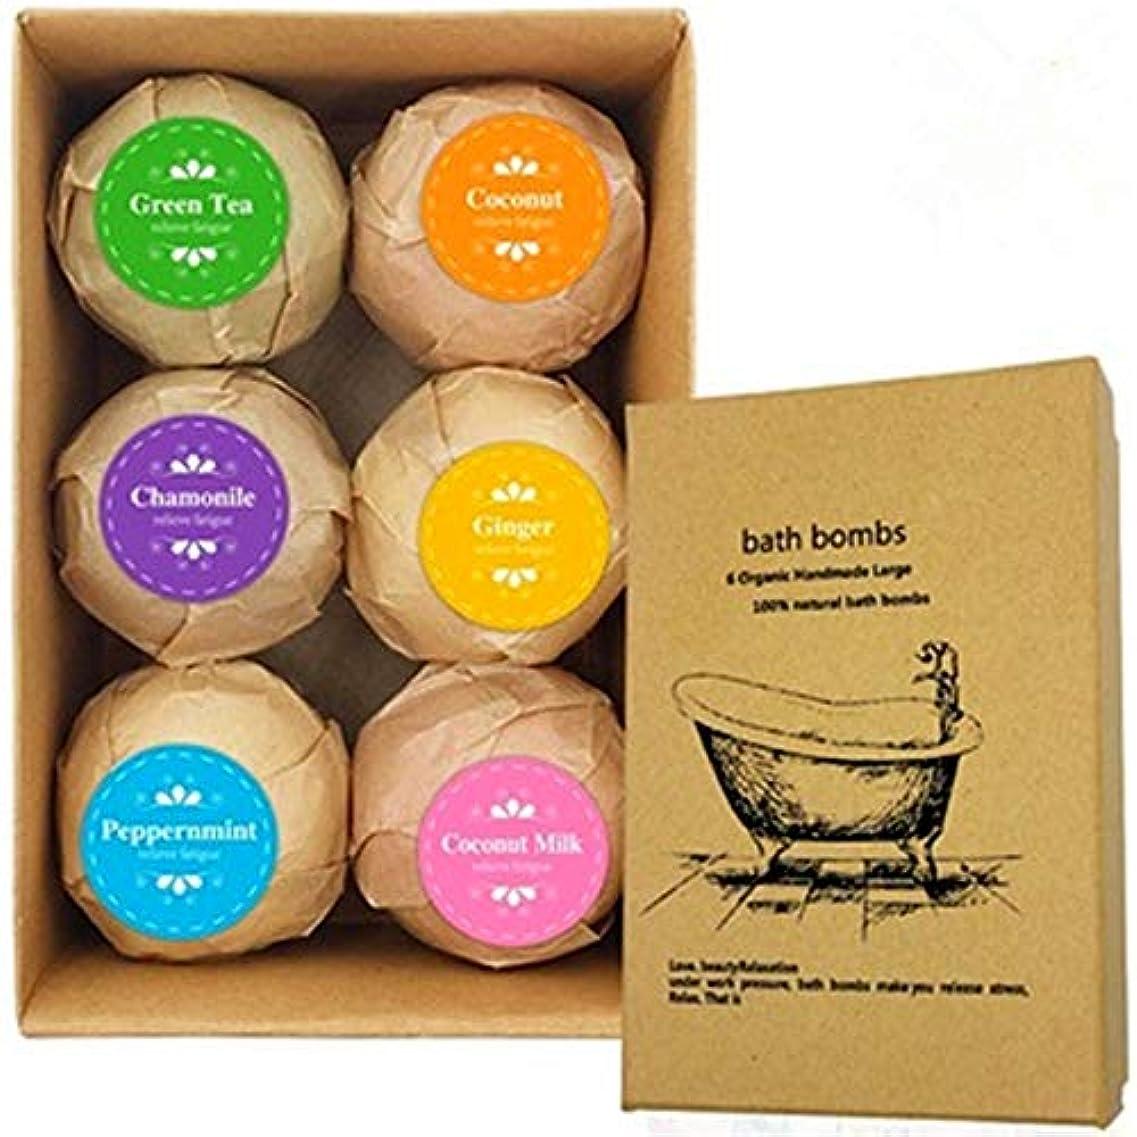 補助金パントリー硫黄バスボム 入浴剤 炭酸 バスボール 6つの香り 手作り 入浴料 うるおいプラス お風呂用 入浴剤 ギフトセット6枚 プレゼント最適